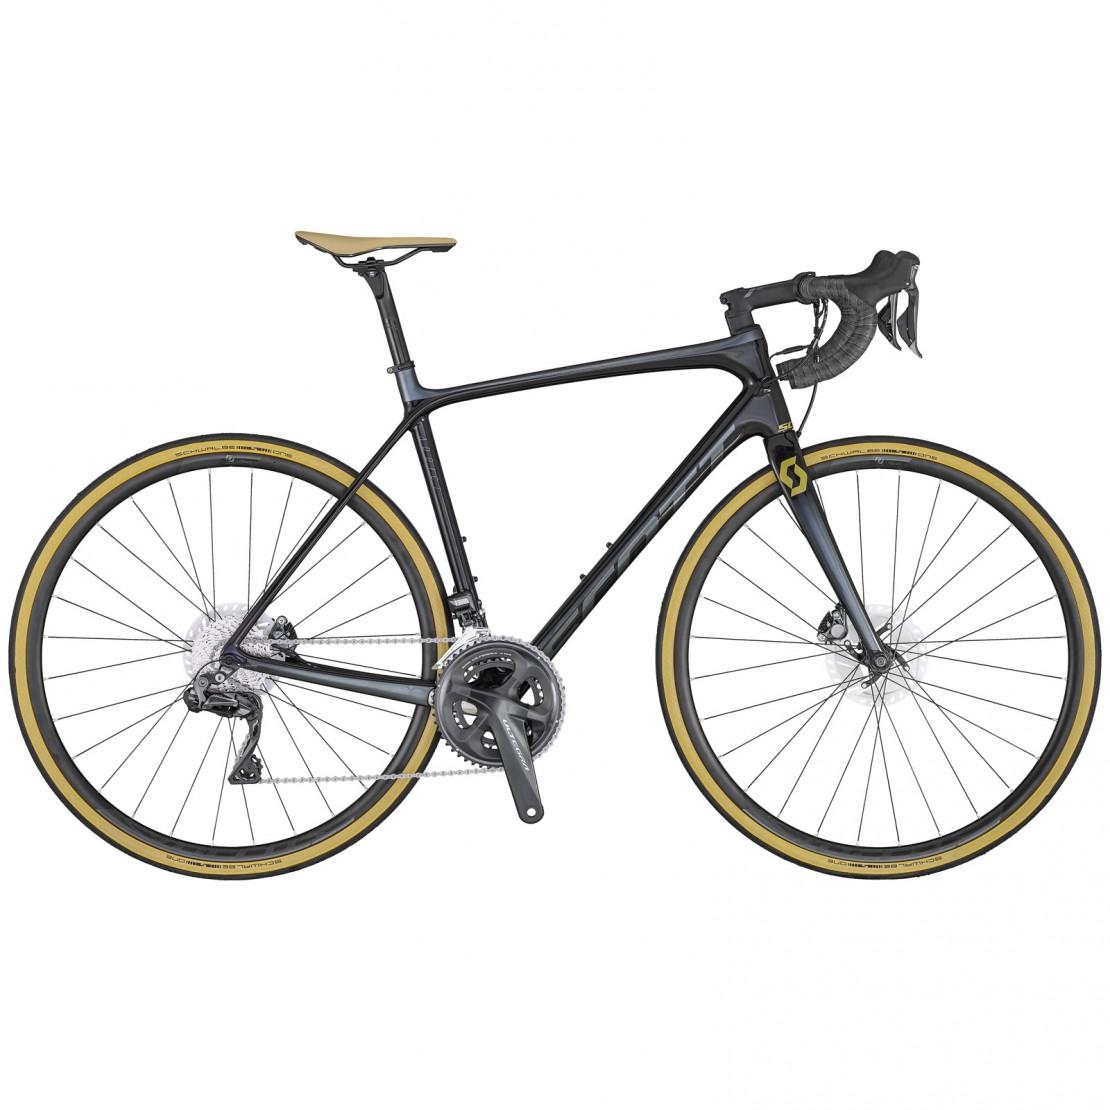 Scott Scott Addict SE disc 2020 - Road Bike